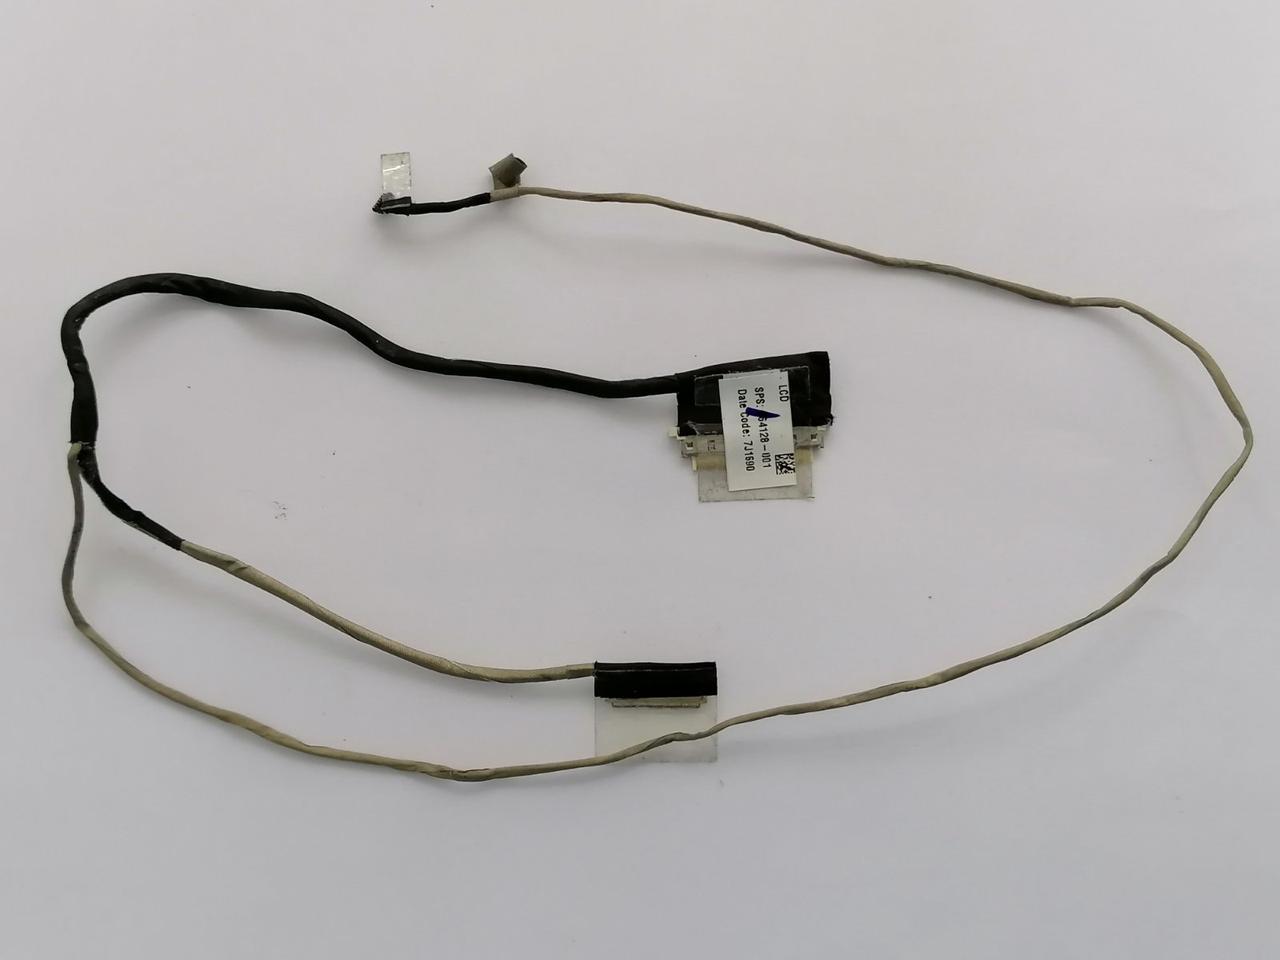 Б/У шлейф матрицы для ноутбука HP 250 G5, 255 G5, 250 G4, 255 G4, 15-AC, 15-AY, 15-AF